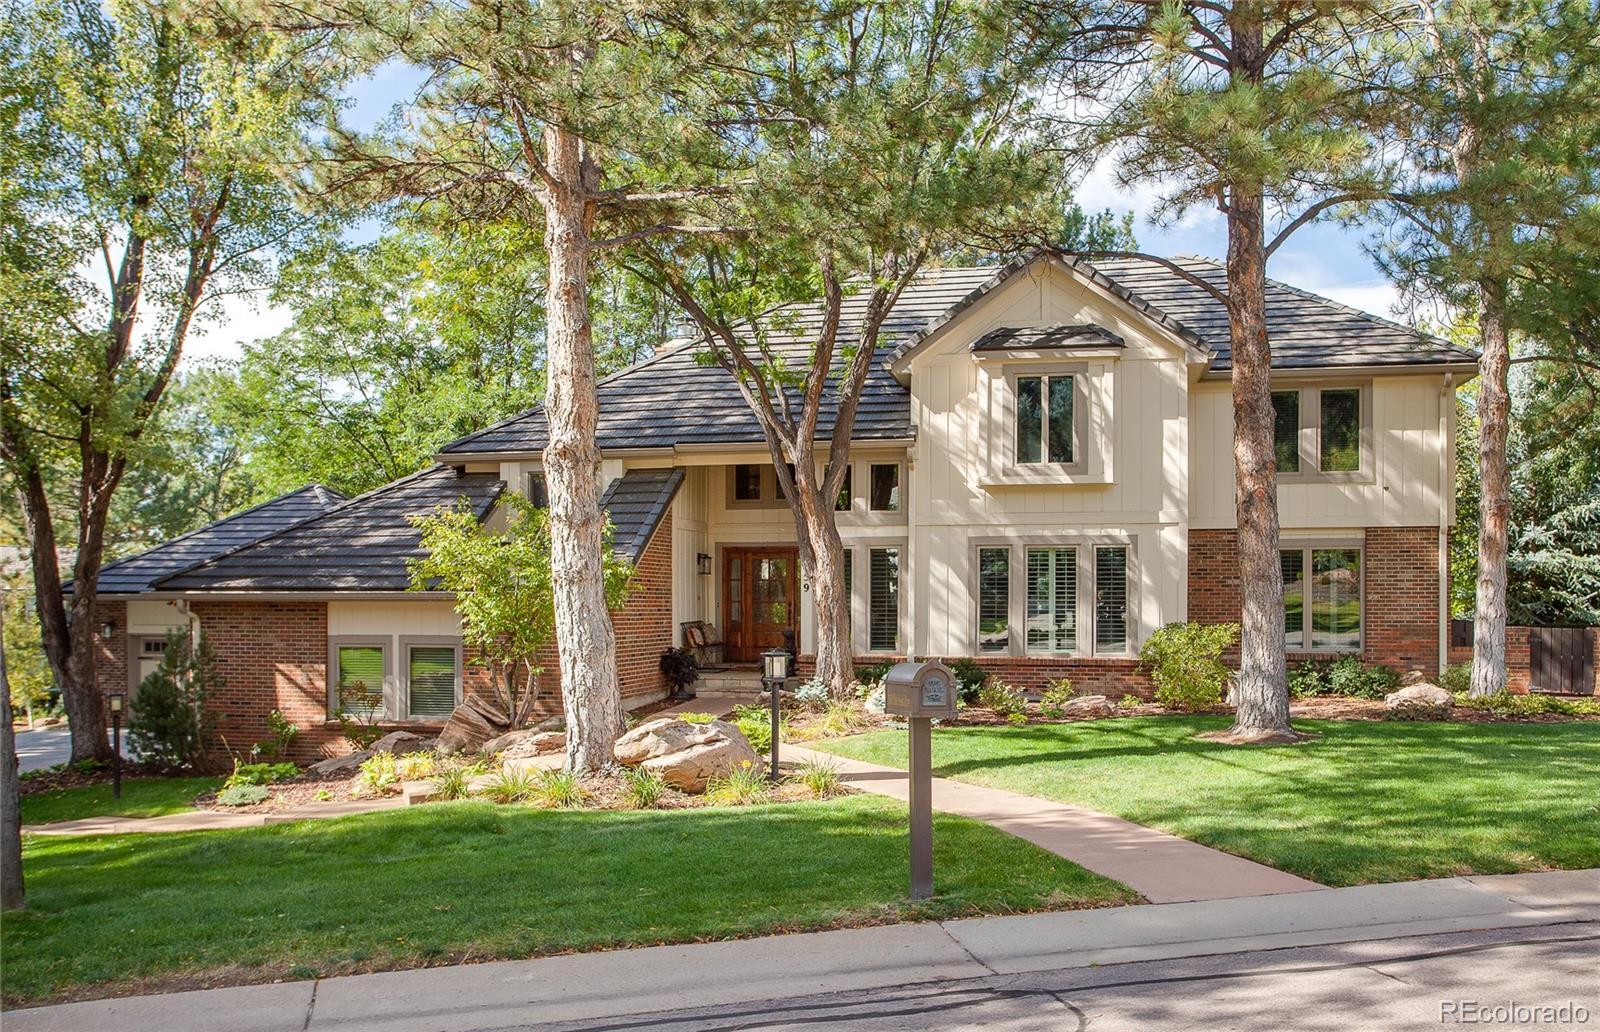 MLS# 7640610 - 1 - 1859 Oak Creek Drive, Greenwood Village, CO 80121